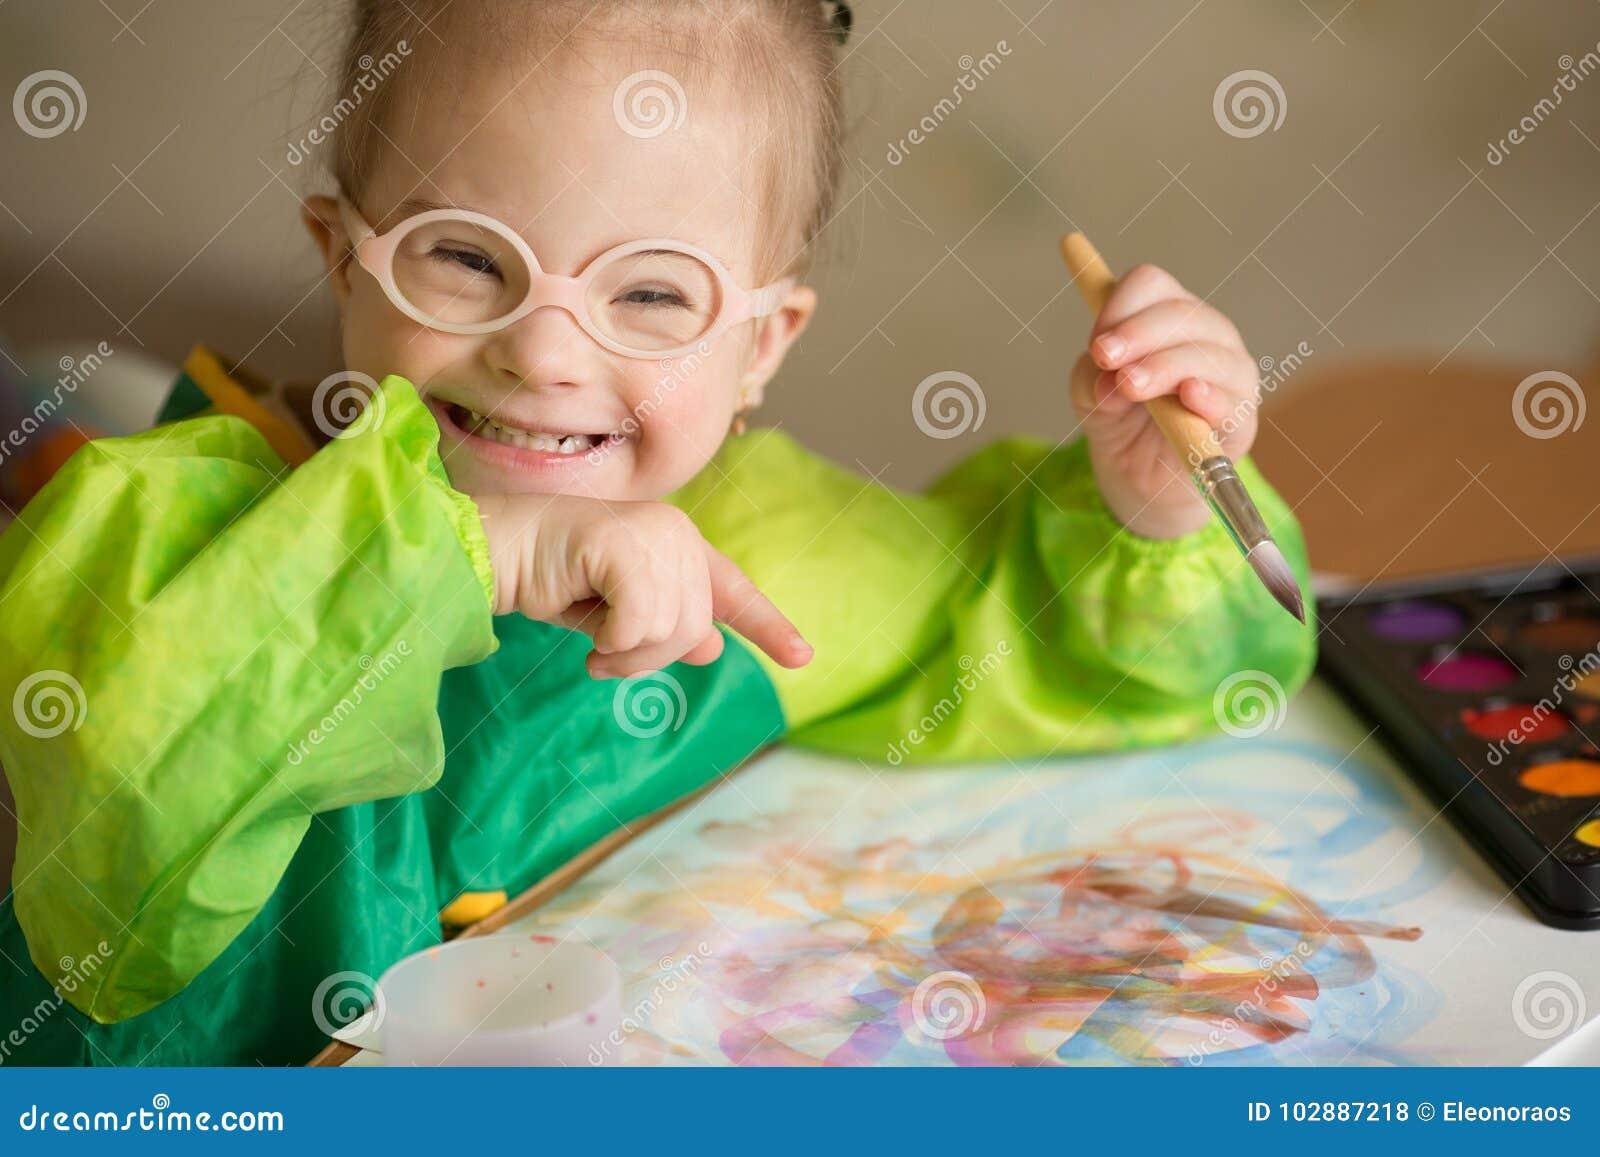 La fille avec la trisomie 21 dessine des peintures